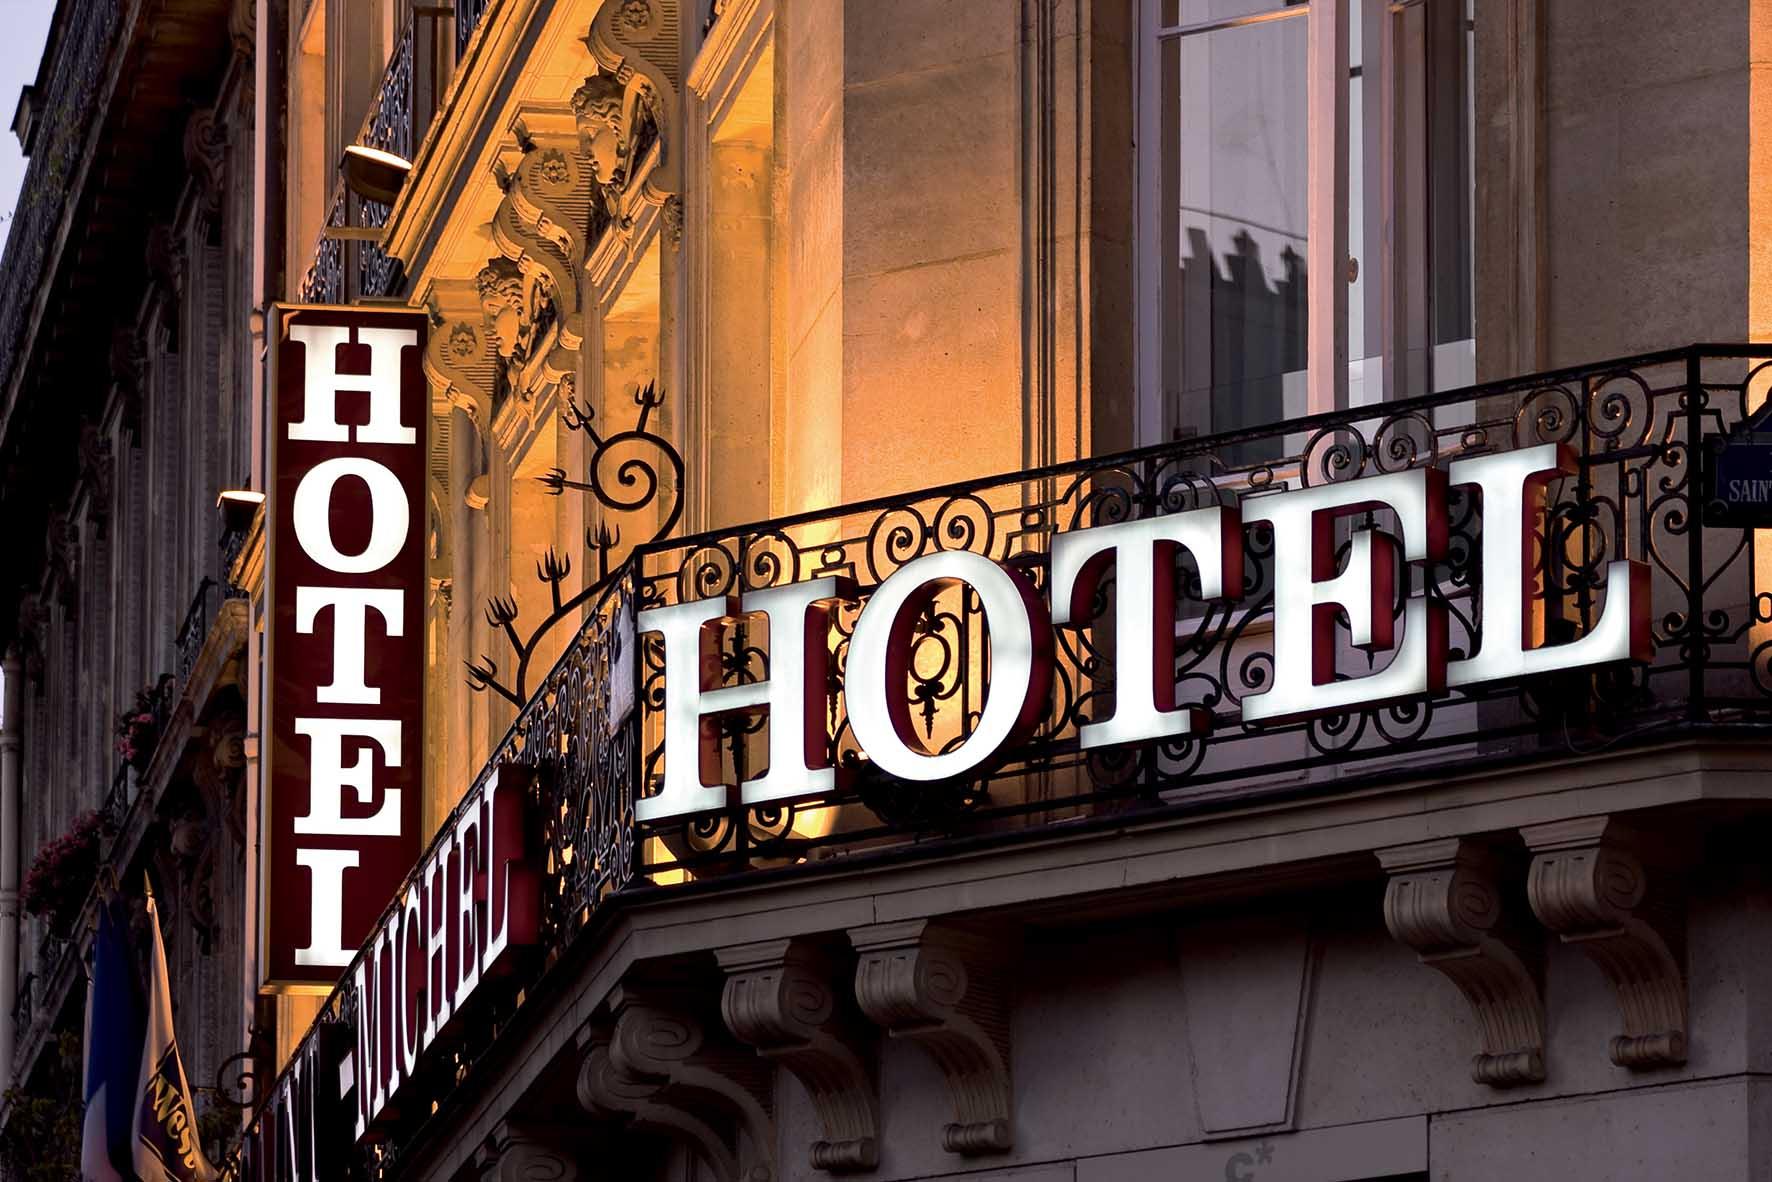 asat albergo hotel insegna esterna FbySh